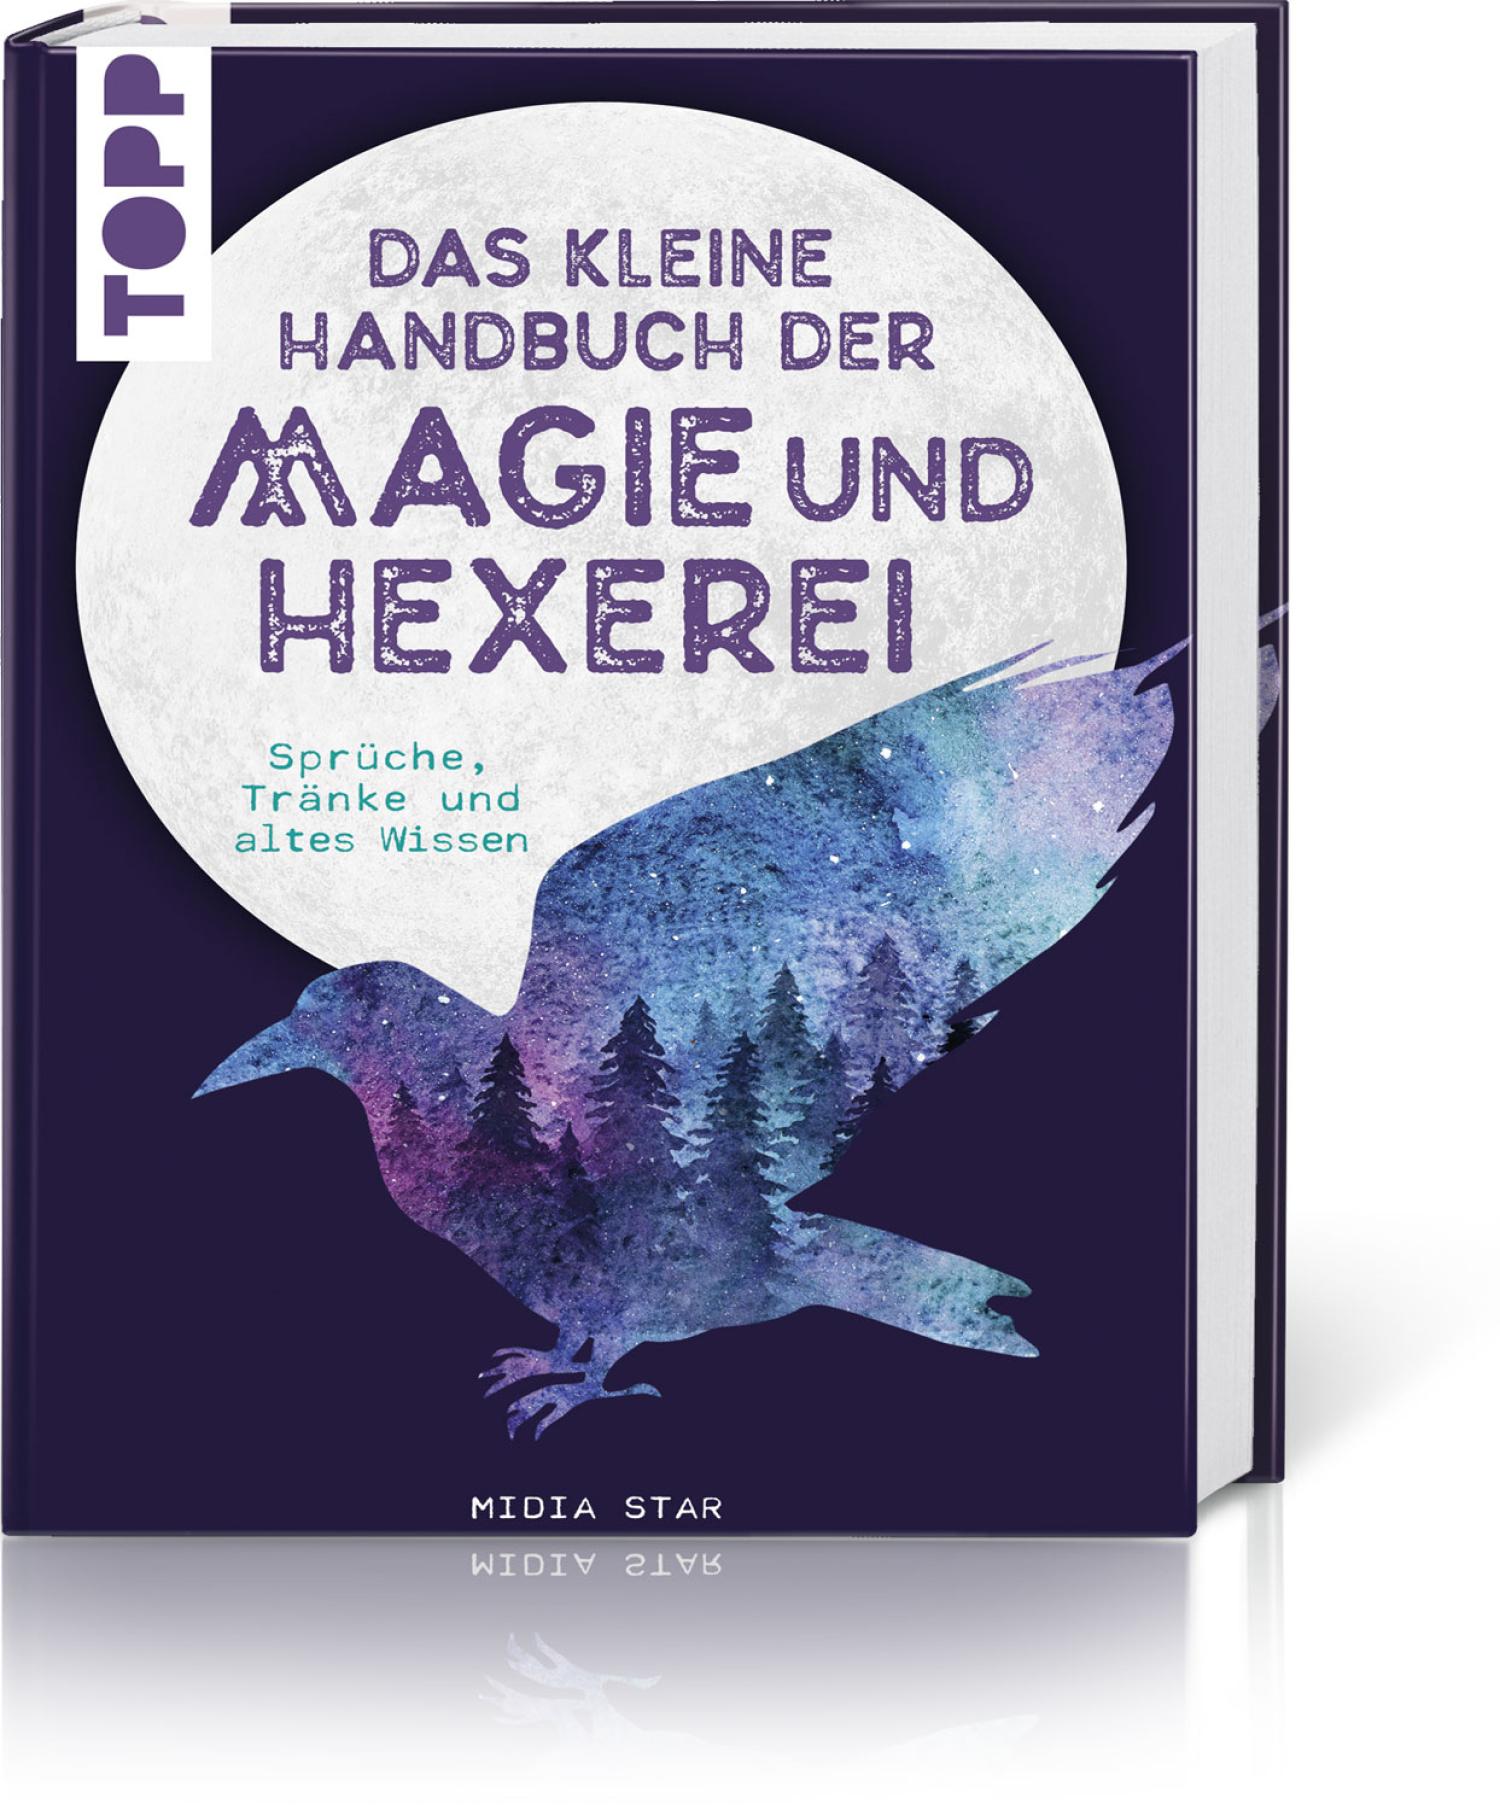 Das kleine Handbuch der Magie und Hexerei, Produktbild 1